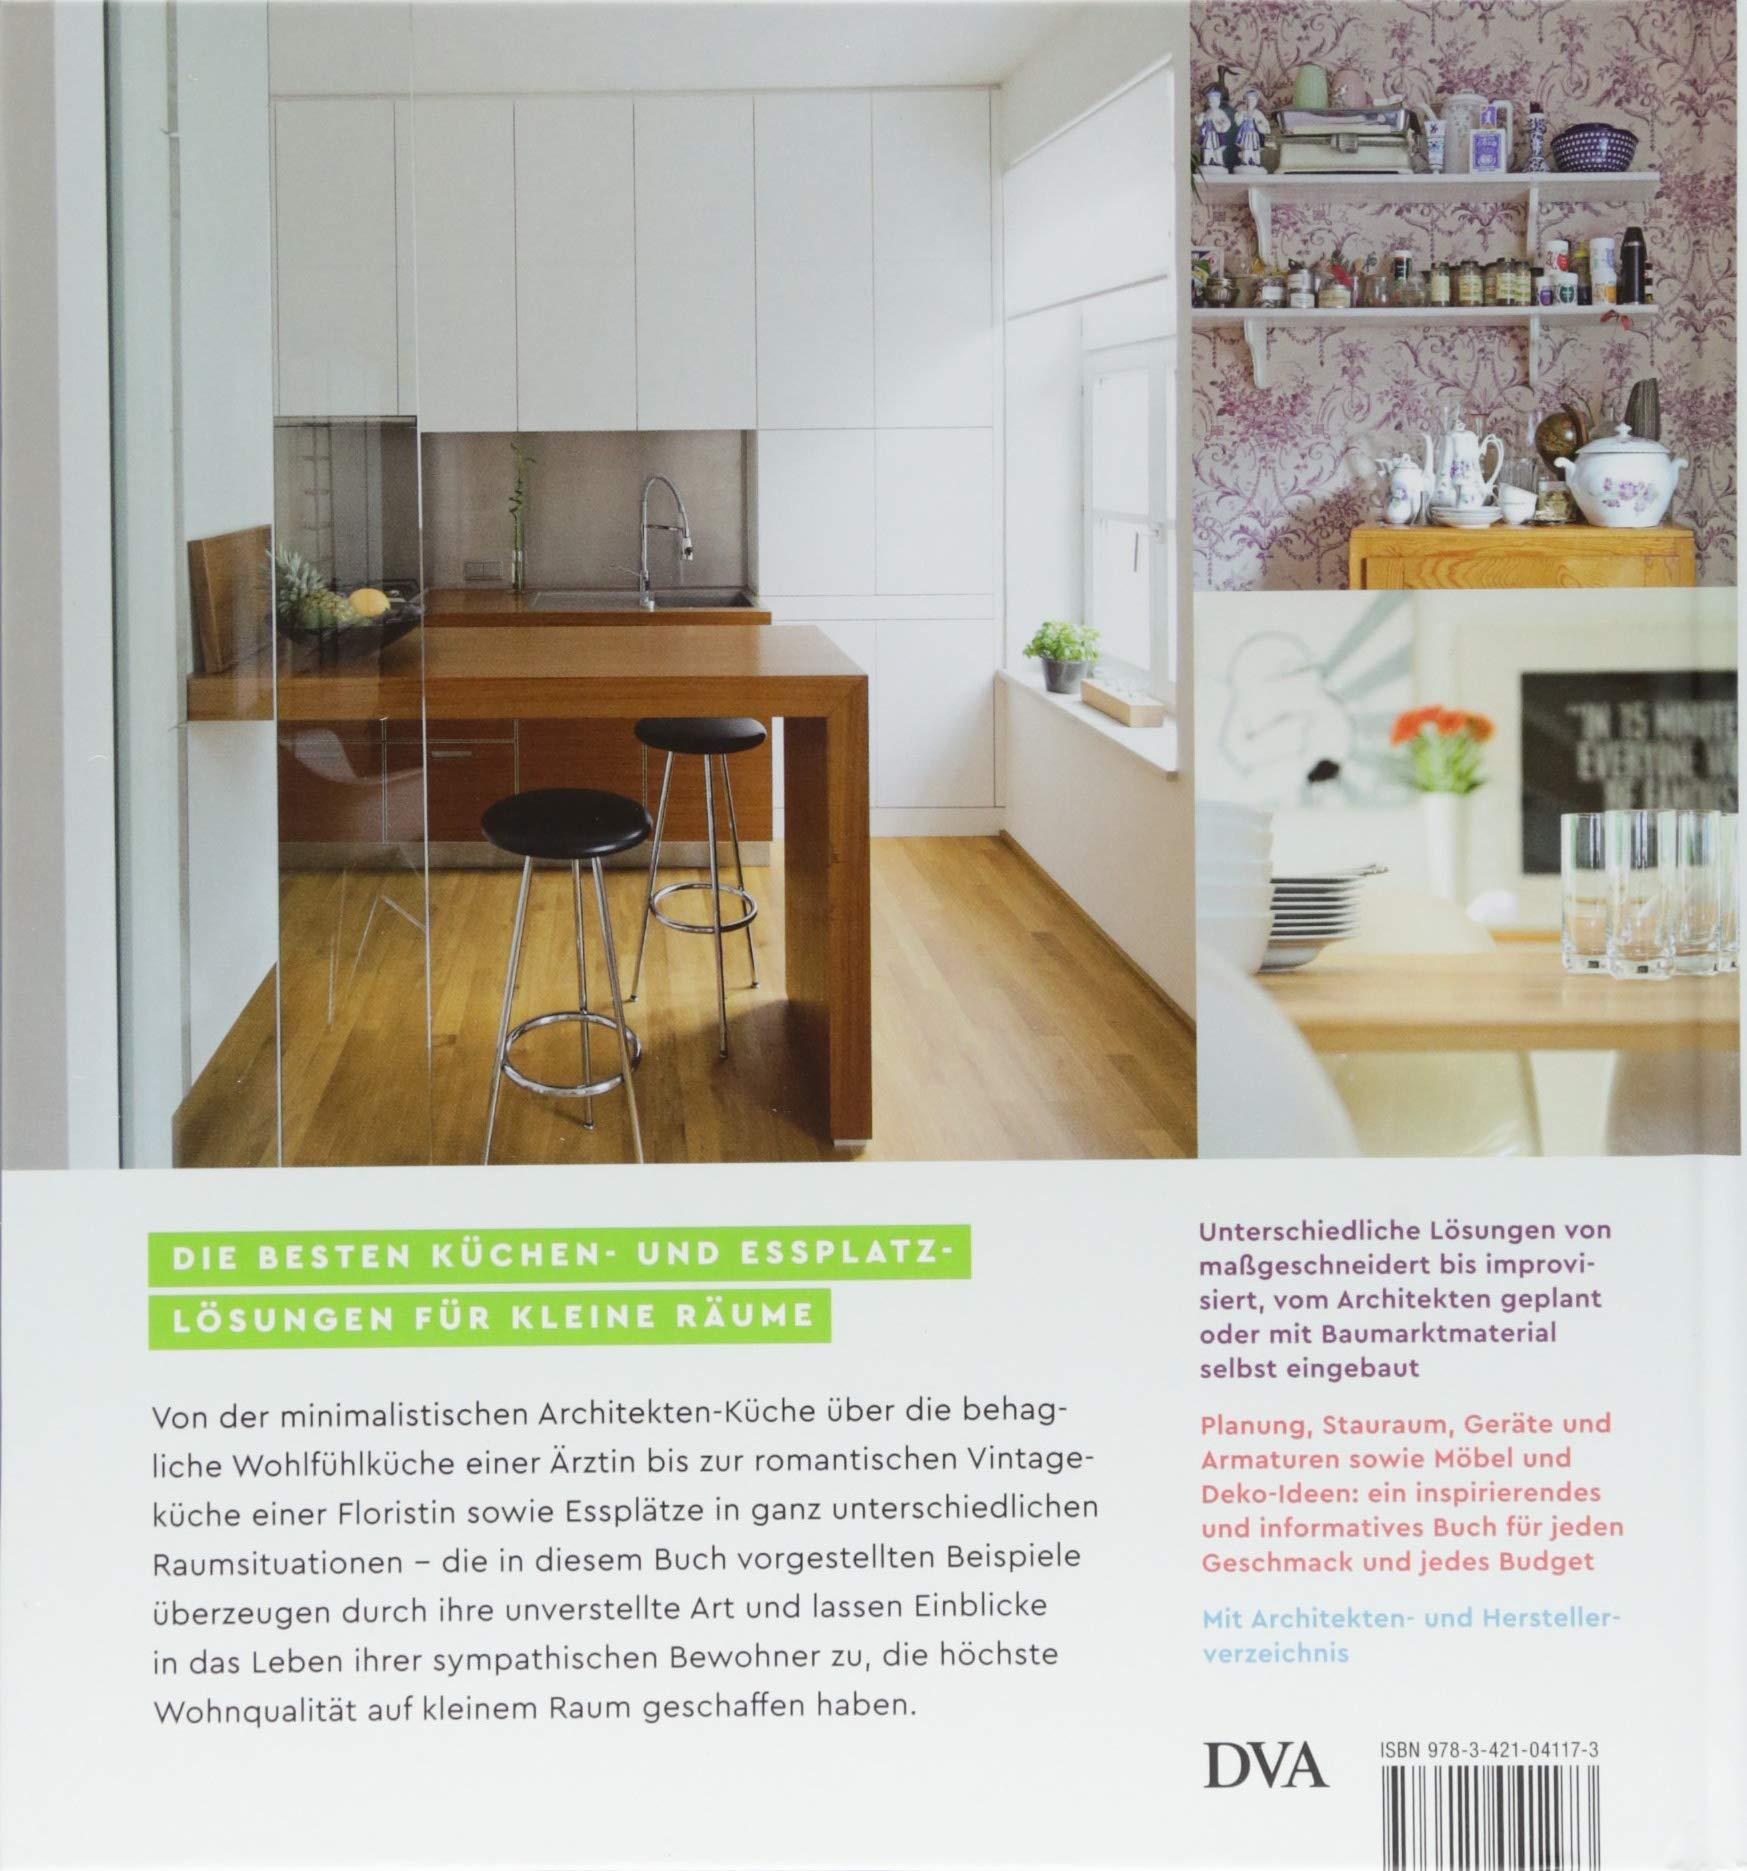 Kleine Küchen & Essplätze: auf wenigen Quadratmetern: Amazon ...